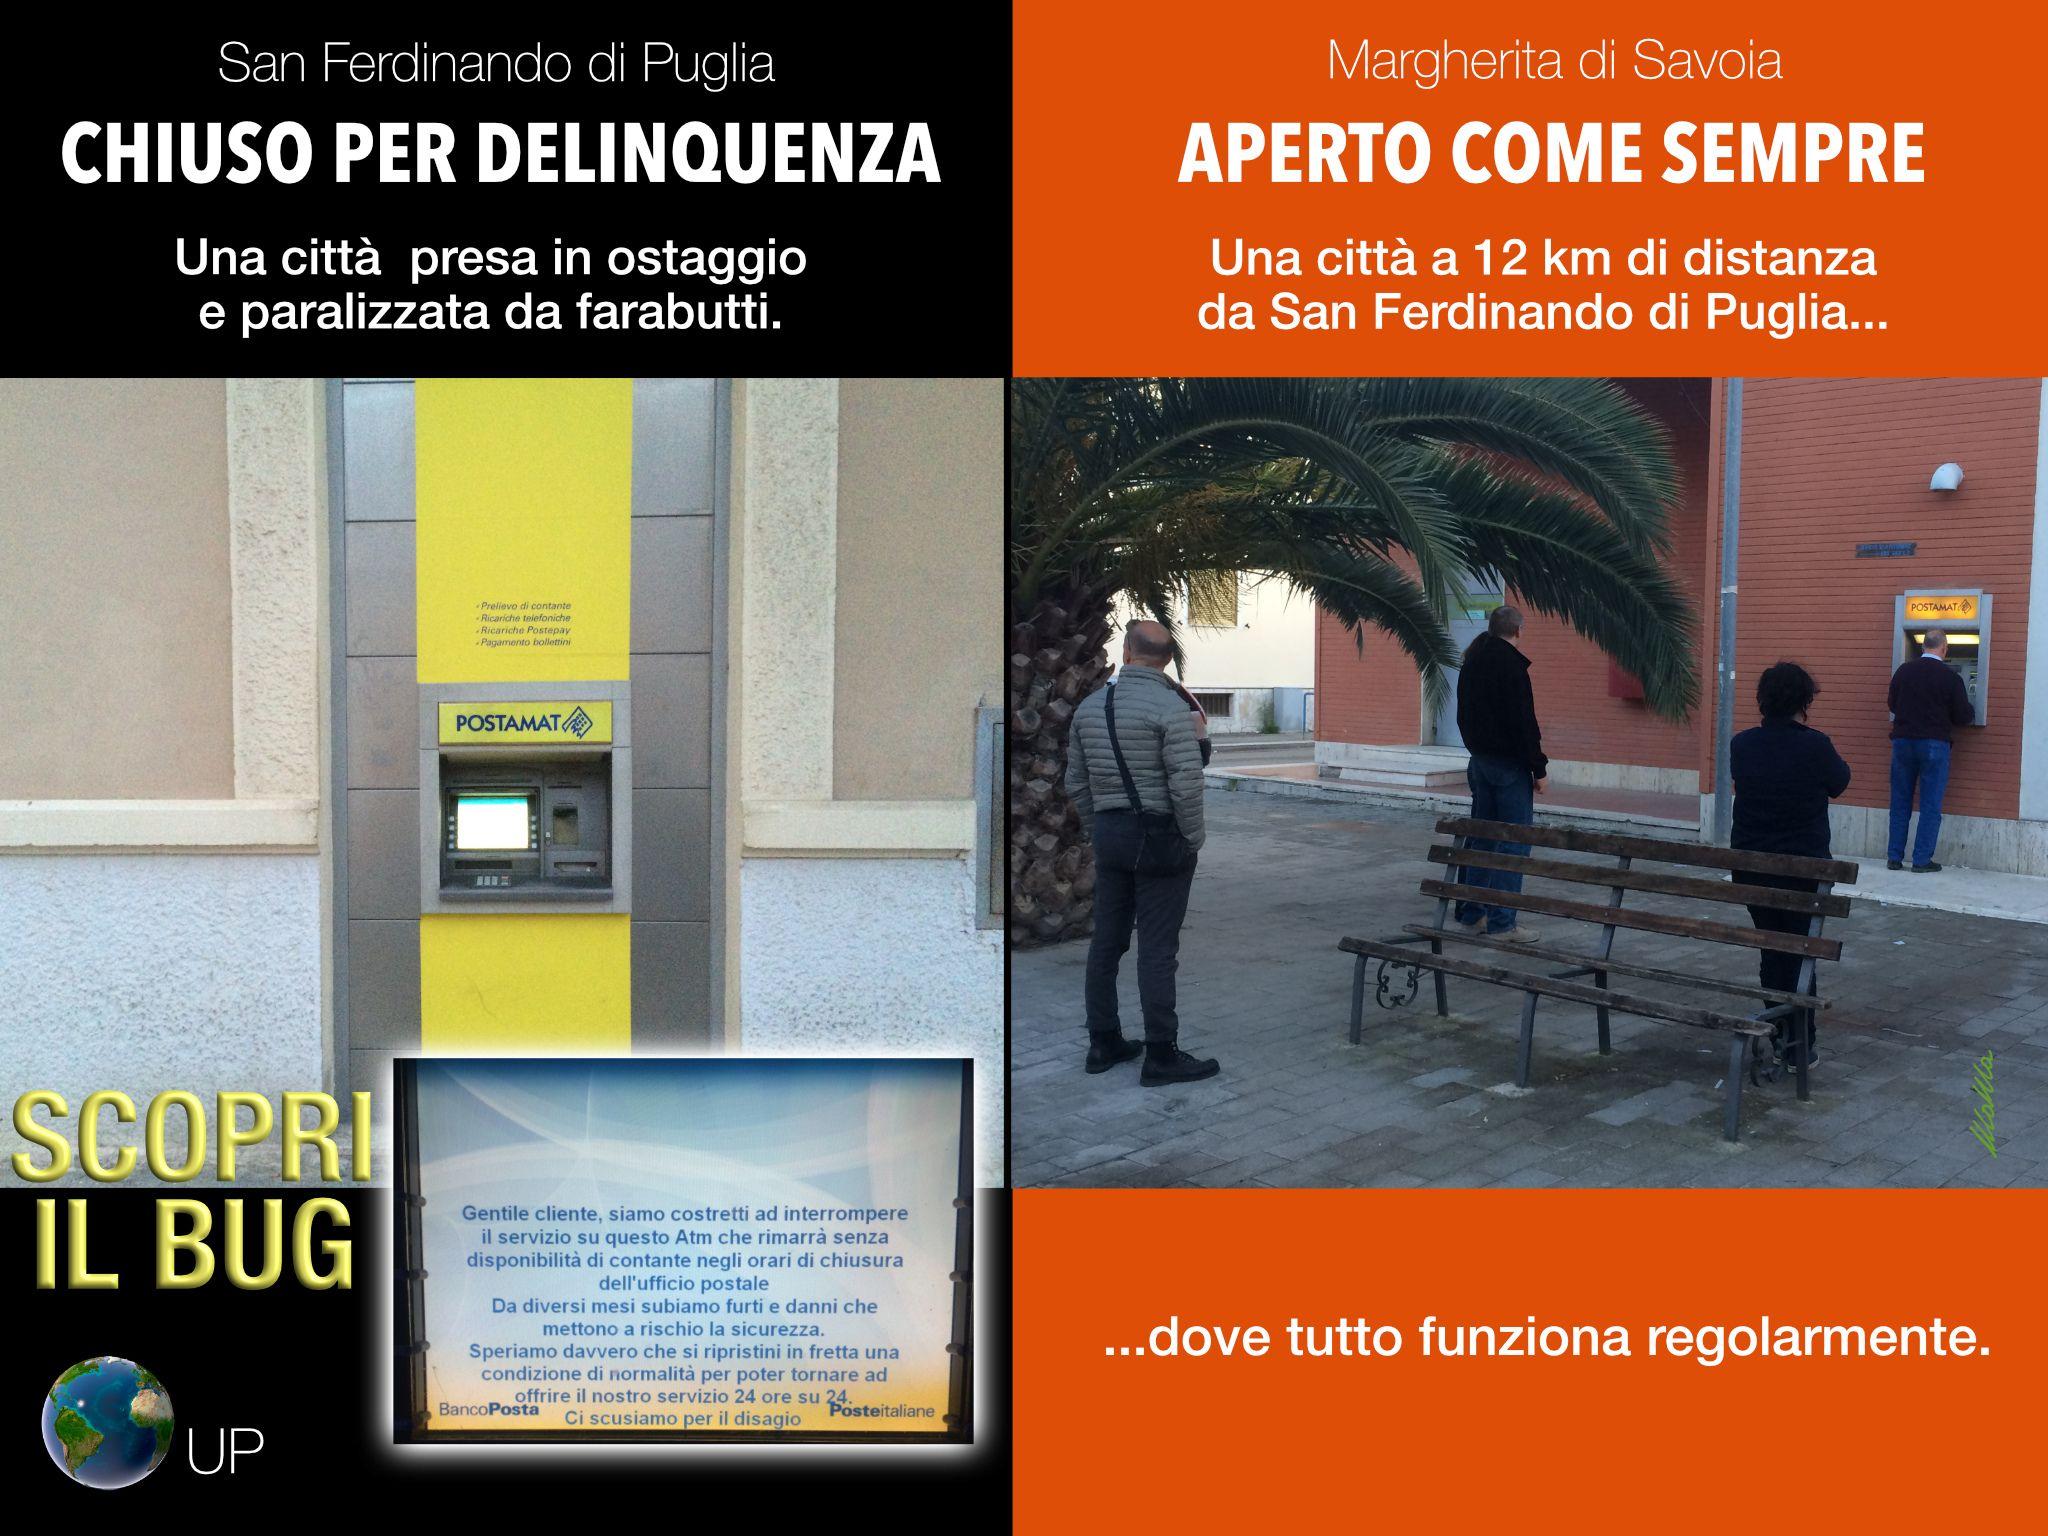 13+ Servizio clienti banco posta ideas in 2021